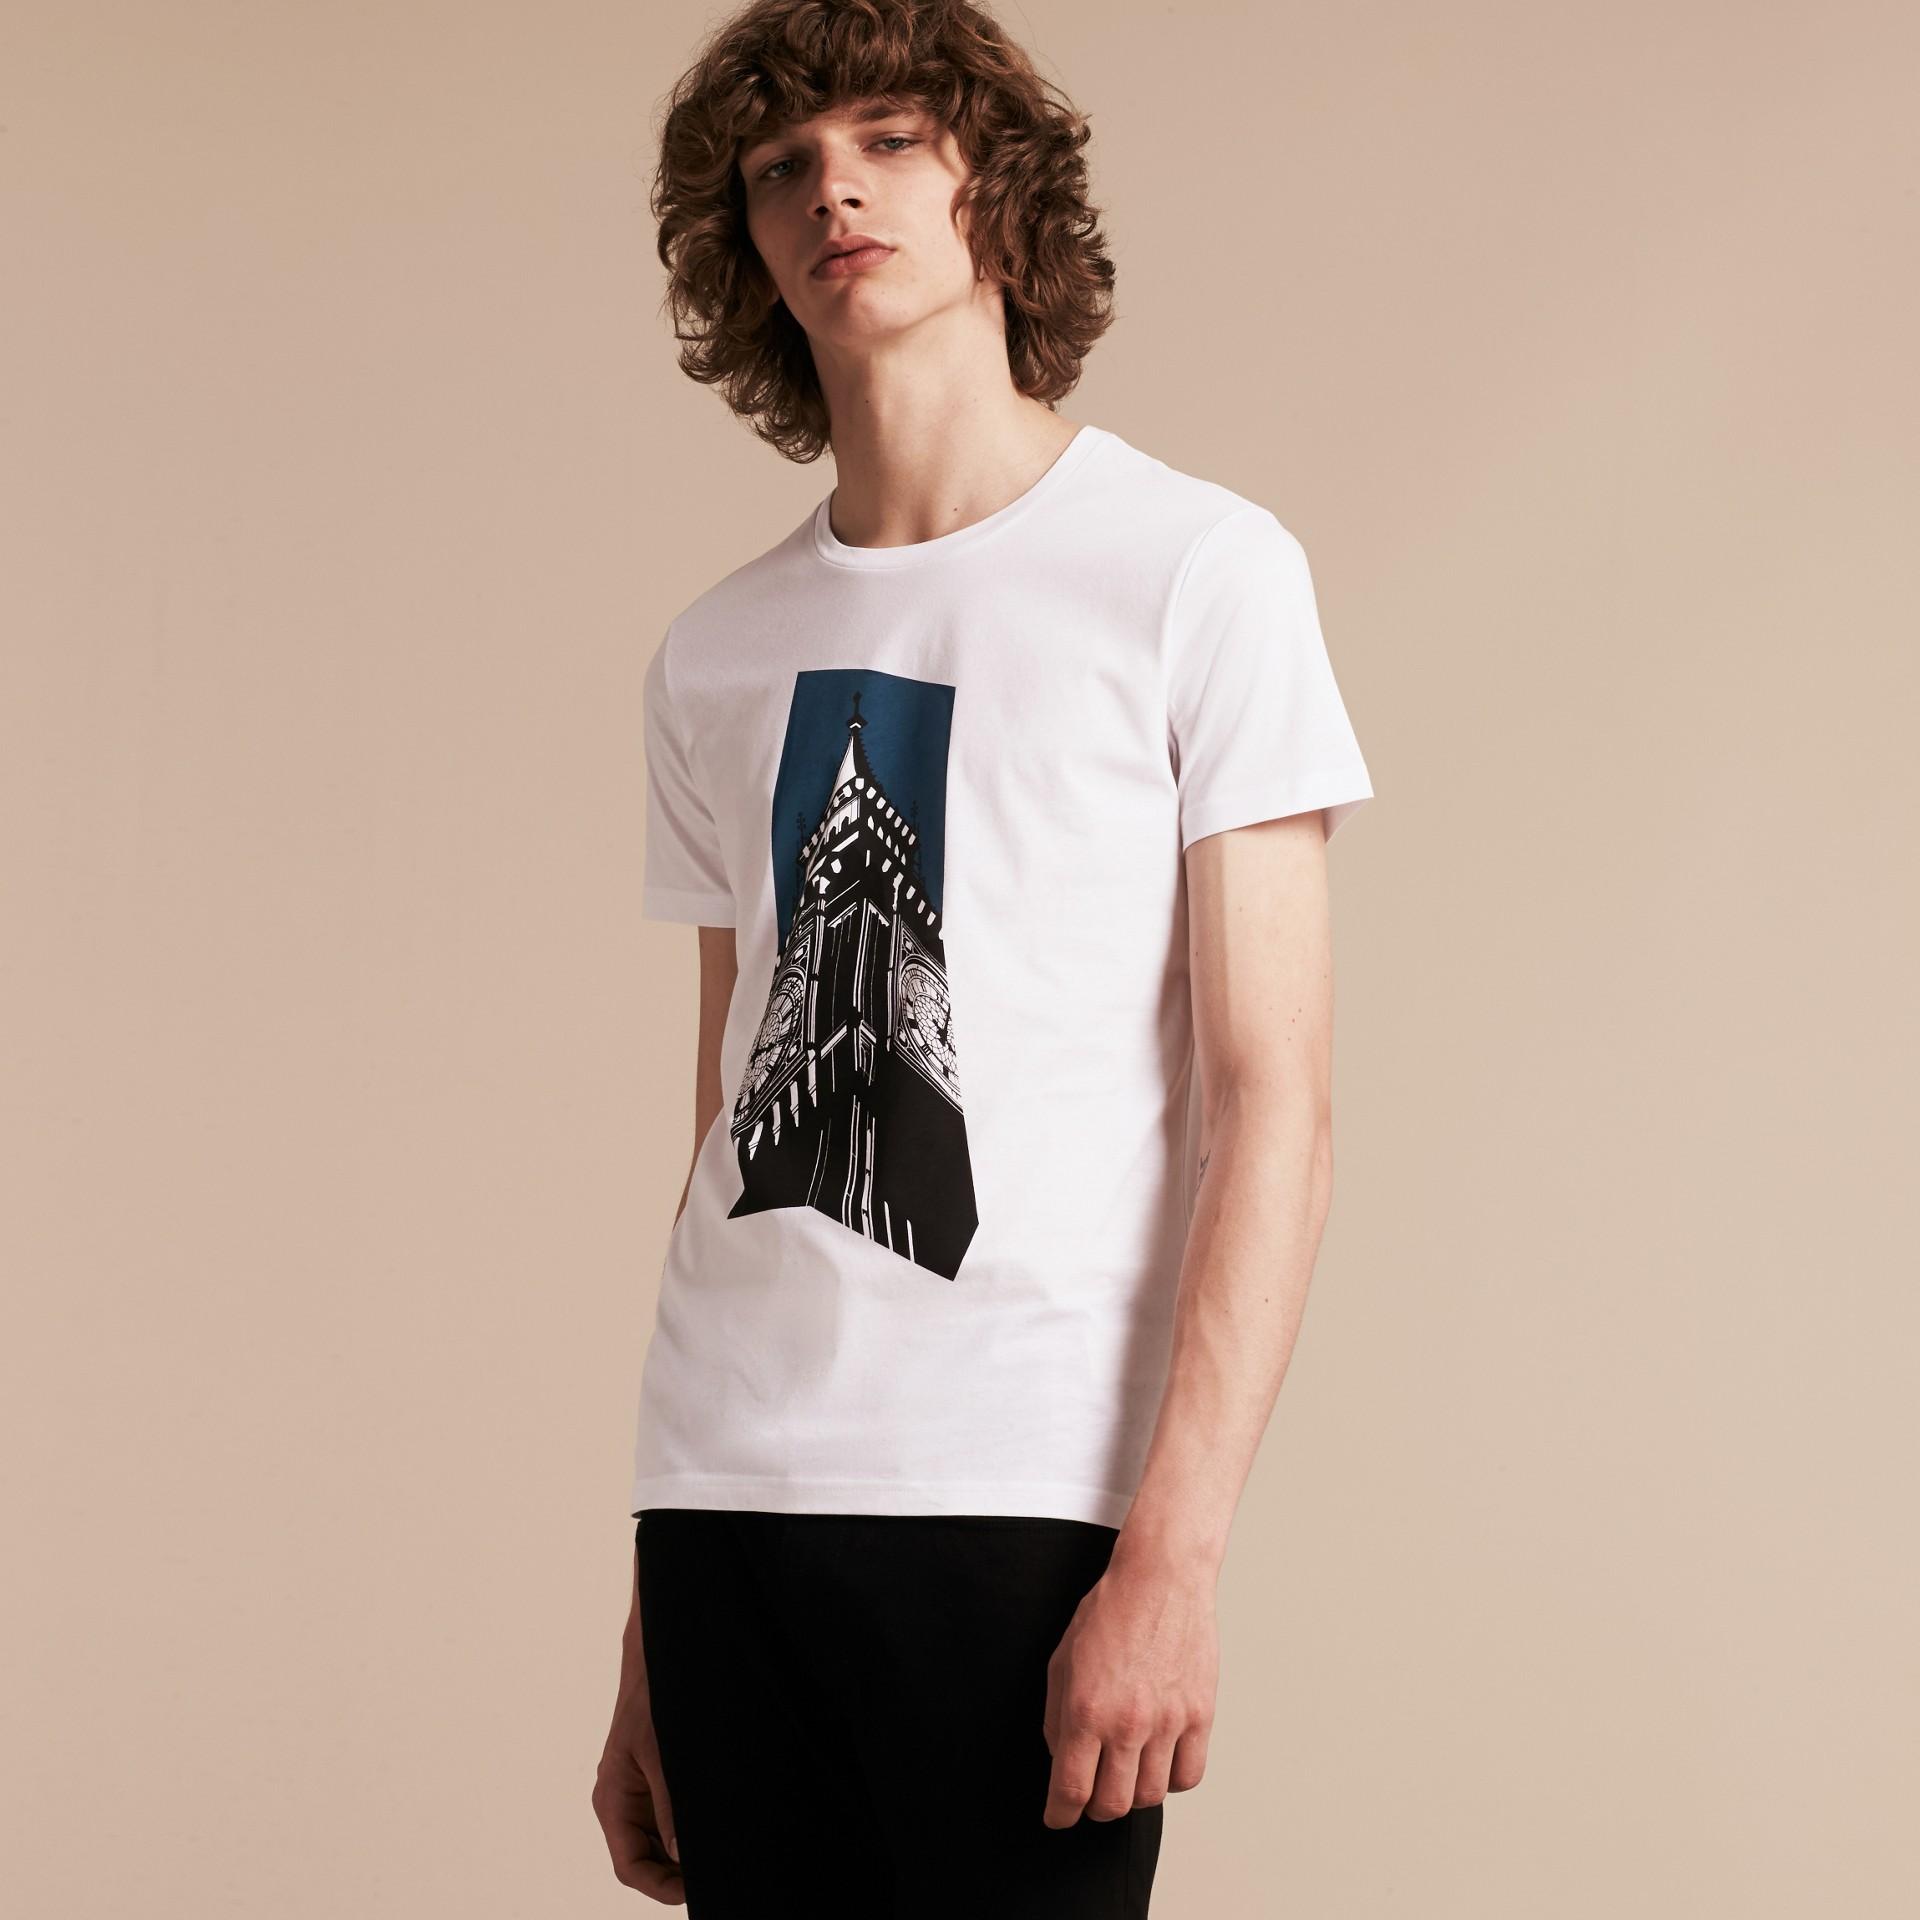 Branco Camiseta de algodão com estampa do Big Ben - galeria de imagens 6